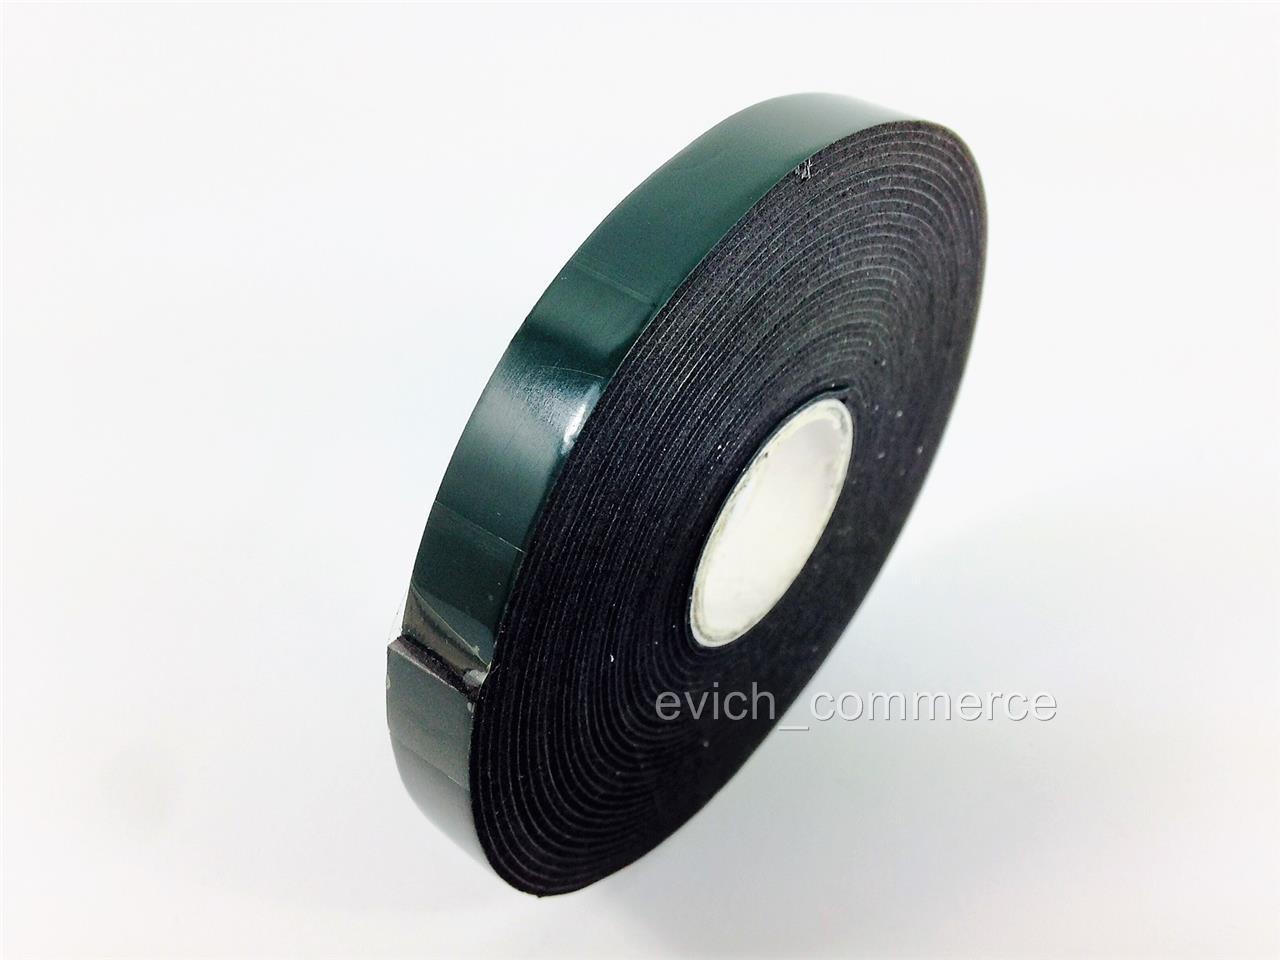 10mm doppelseitiges klebeband schaum tape montageklebeband rolle 5m schwarz ebay. Black Bedroom Furniture Sets. Home Design Ideas